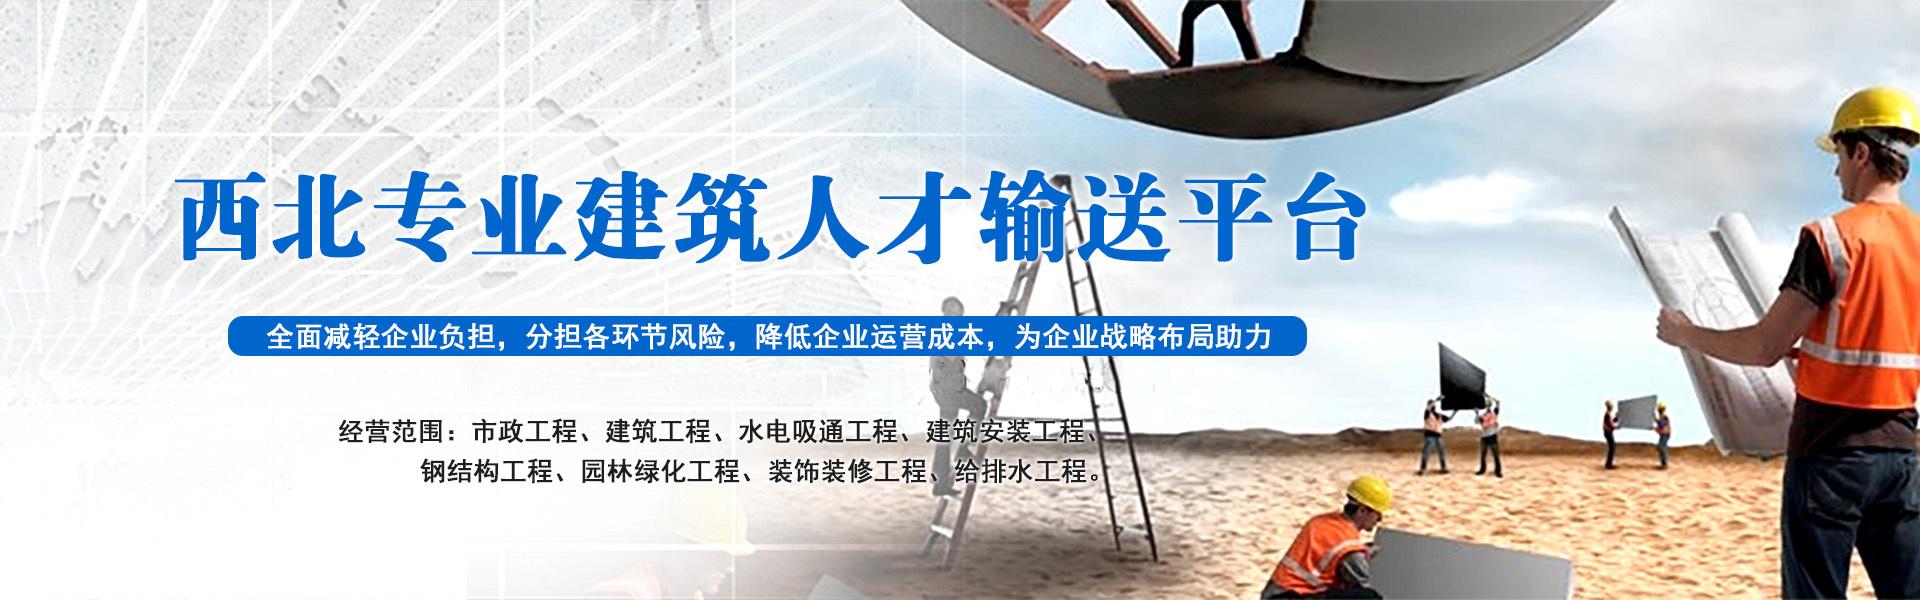 甘肃弘瑞建筑工程有限公司成立与2016年7月6日,注册资金1000万元,是经工商部门批准注册的独立法人企业,是具有一家国家级资质、实力雄厚、是以建筑劳多为主体的企业